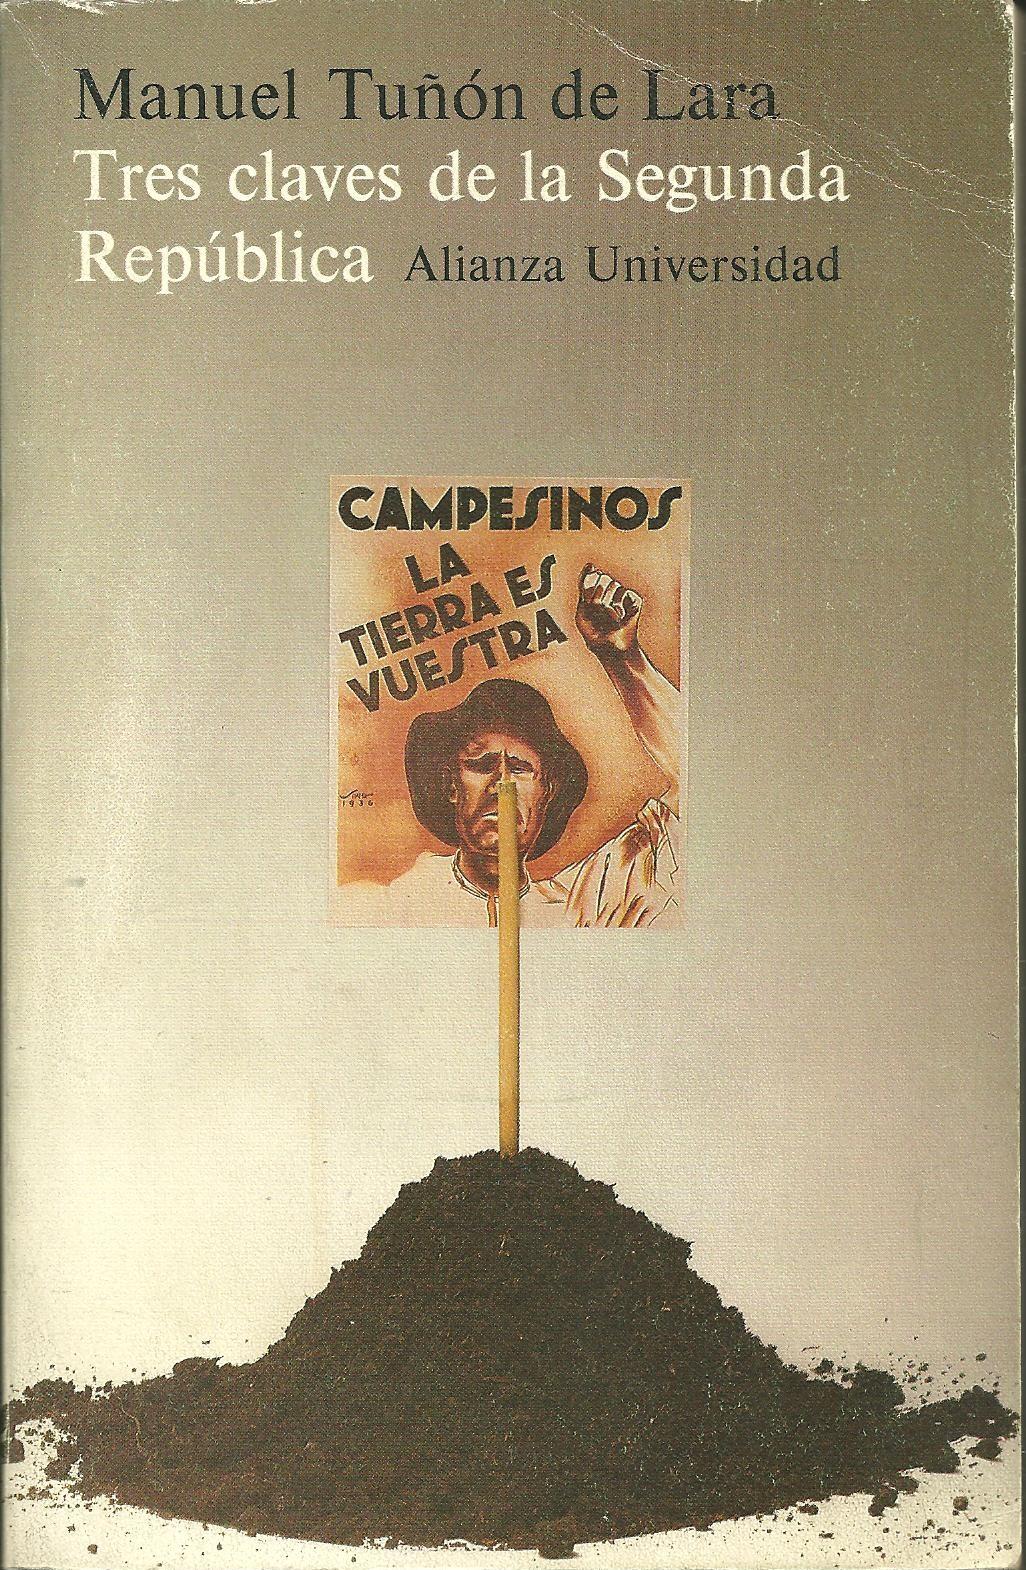 Tres claves de la Segunda República de Manuel Tuñón de Lara en nuestro catálogo.